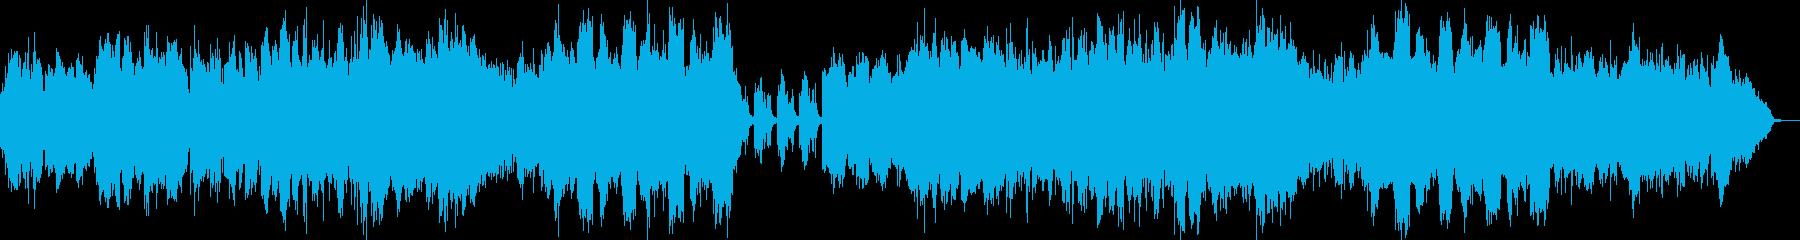 二胡・秋の色付く季節 ドラム無の再生済みの波形